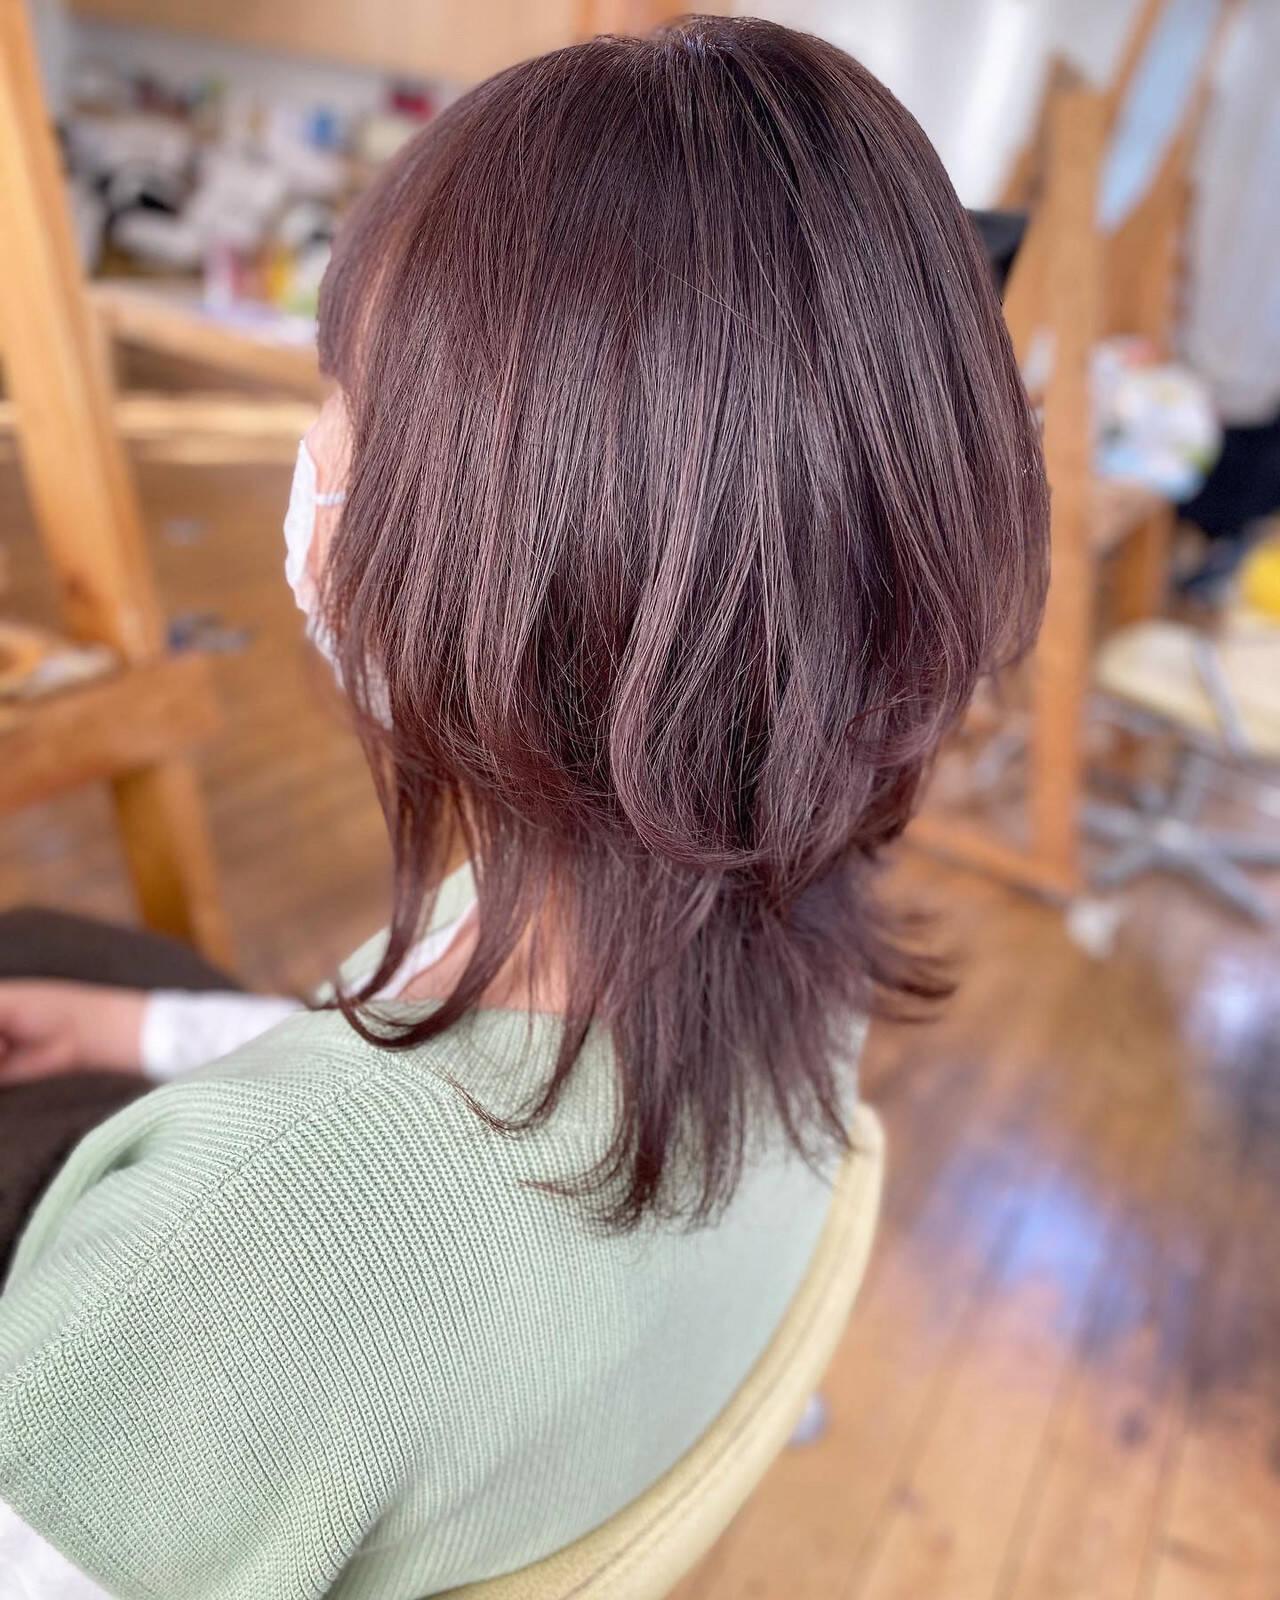 ミディアム ウルフカット ガーリー ラベンダーピンクヘアスタイルや髪型の写真・画像